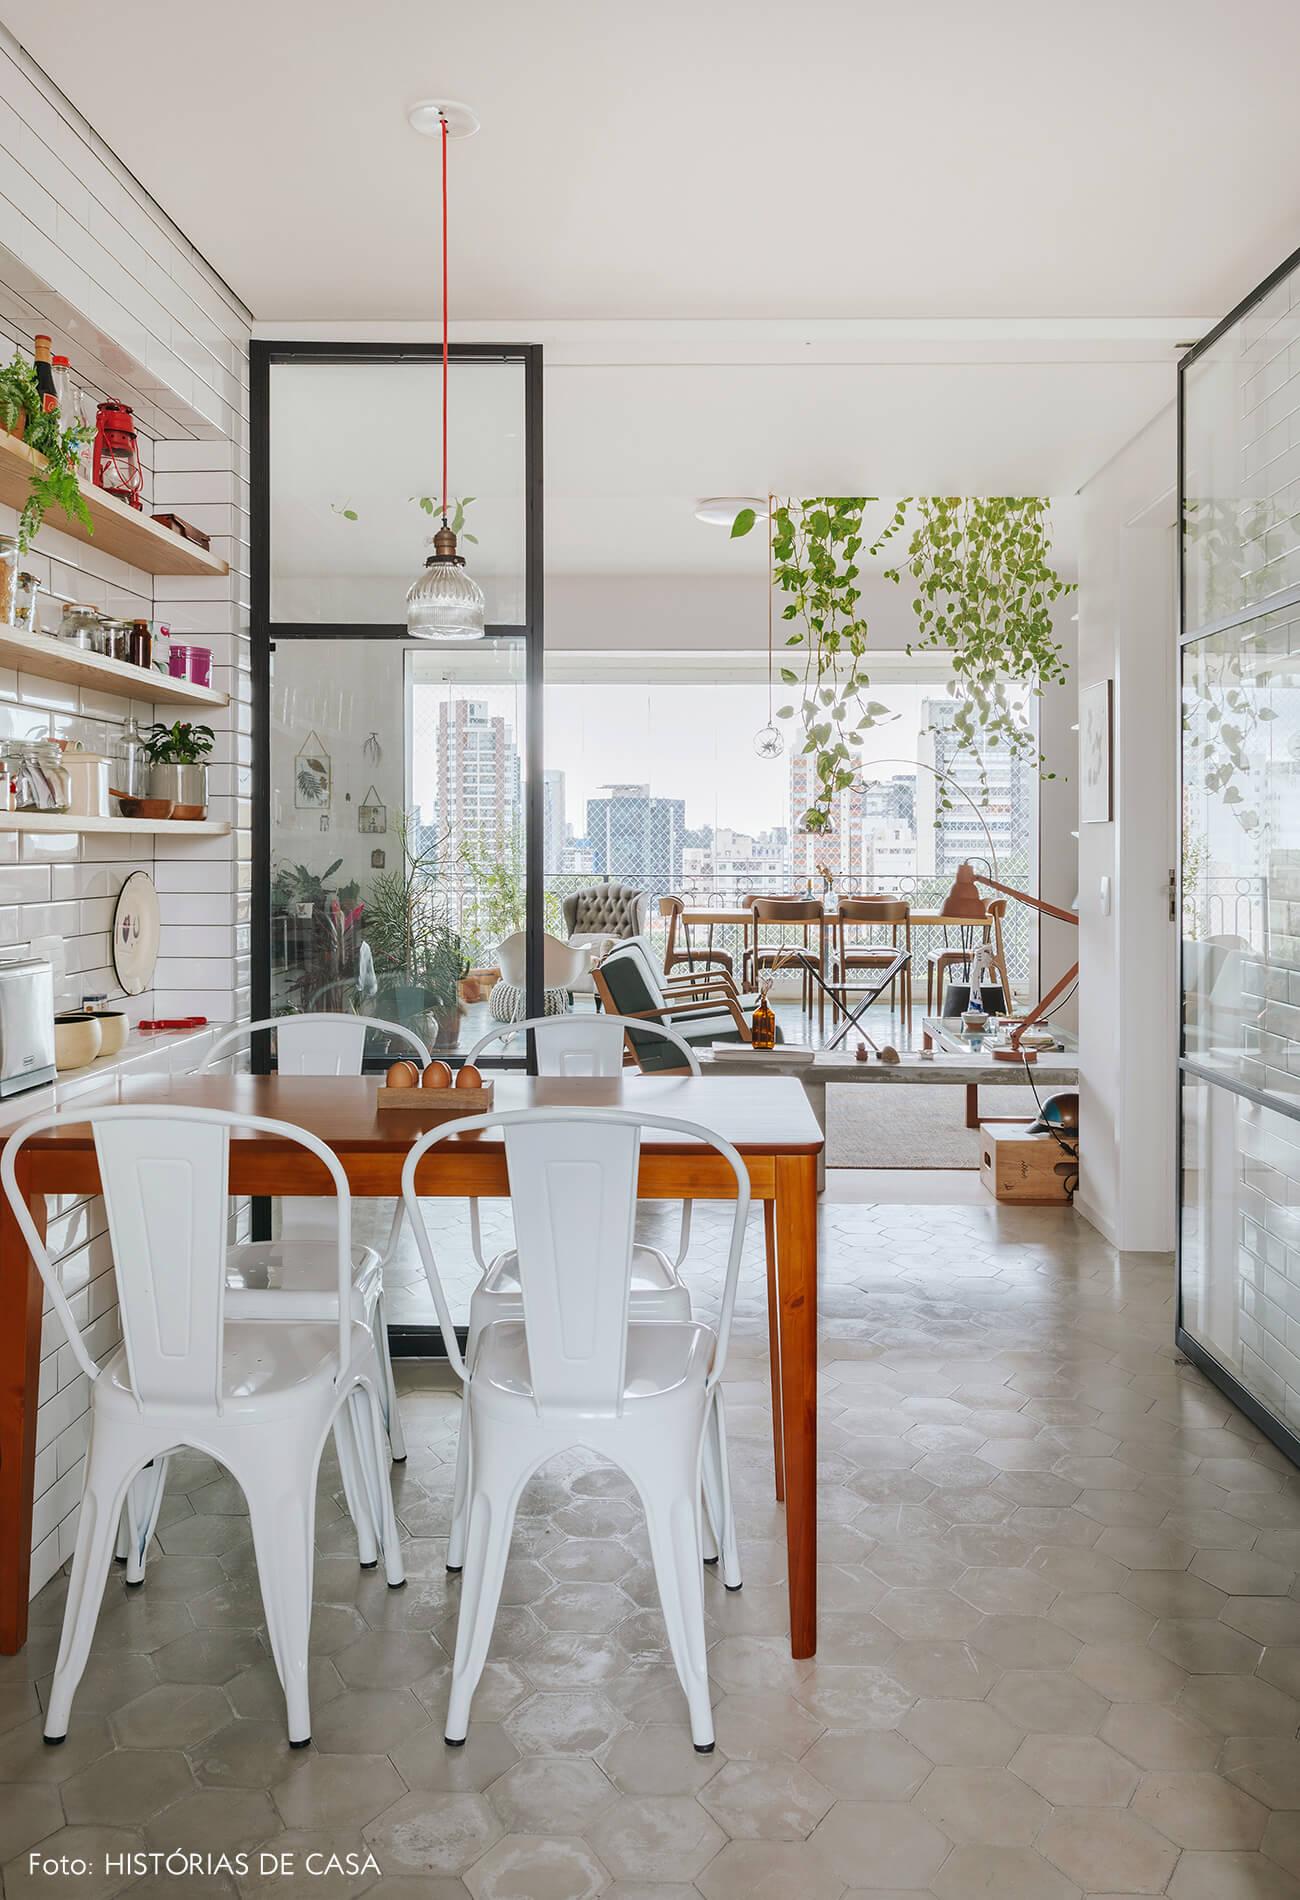 Cozinha integrada com portas de serralheria e vidro, cadeiras Tolix